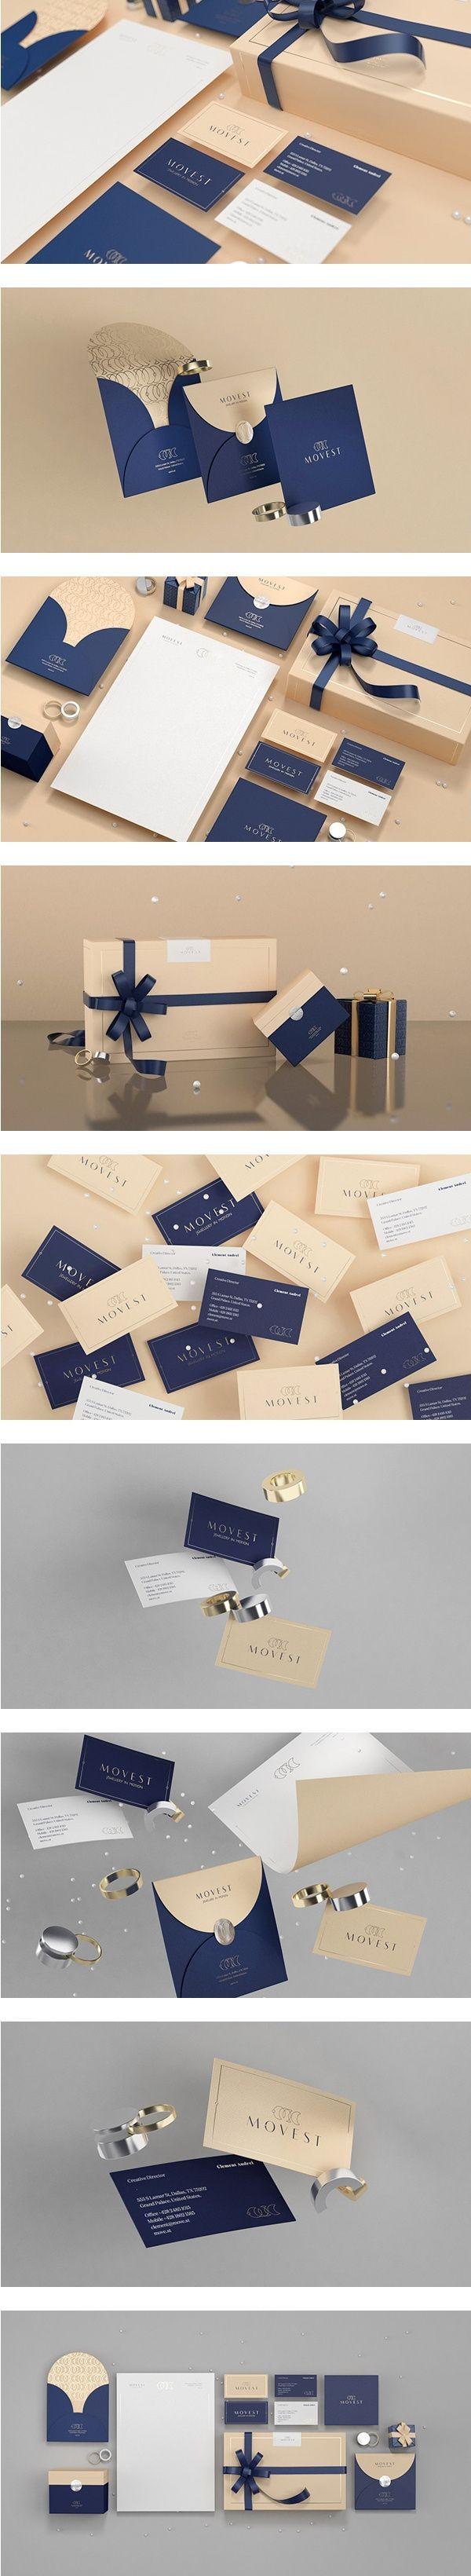 花瓣 luxury beauty products - http://amzn.to/2hu7dbB